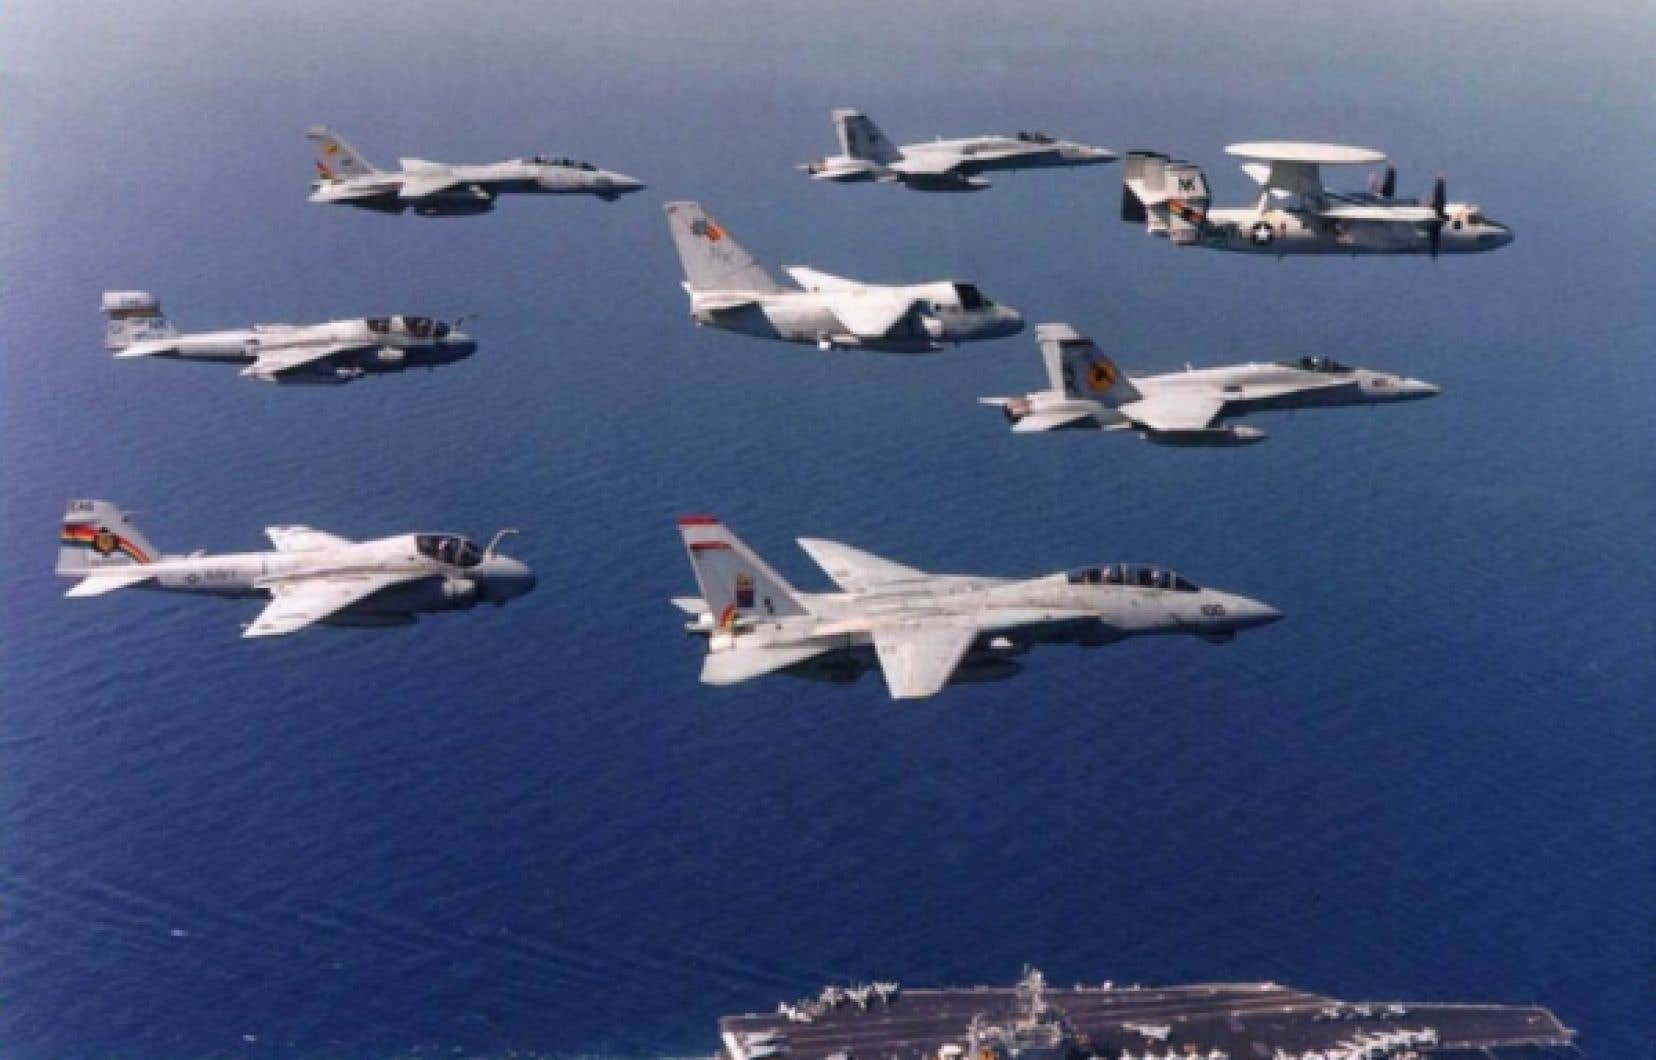 Les États-Unis sont la seule puissance capable de surveiller et de garantir l'approvisionnement pétrolier grâce à leur armada militaire.<br />